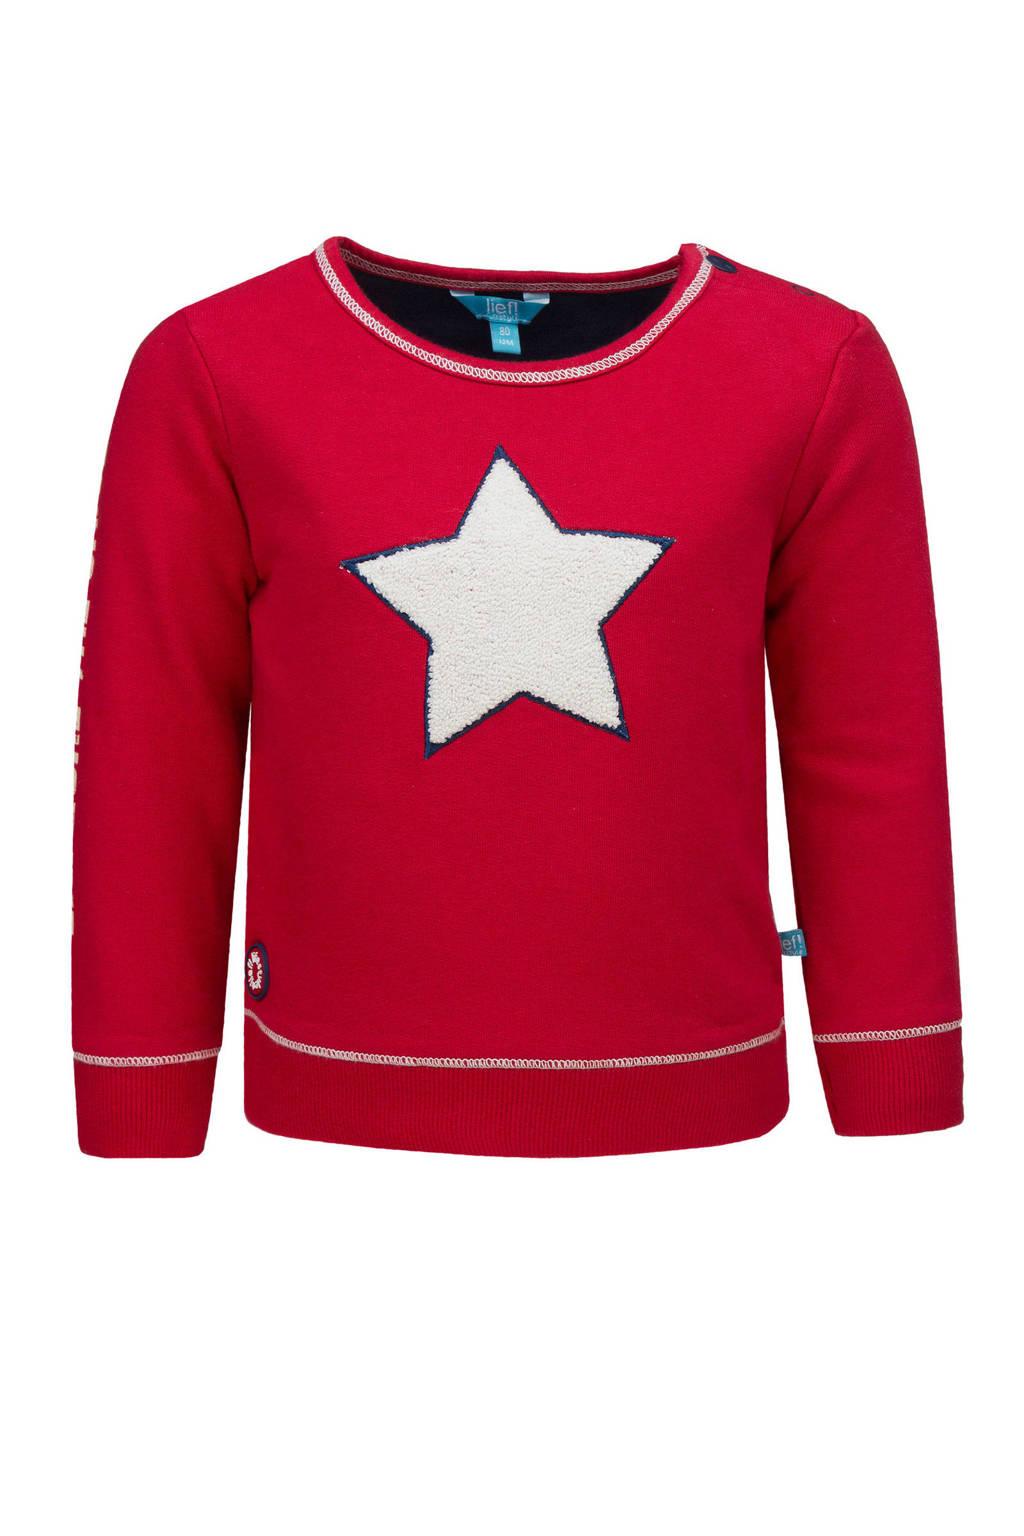 lief! sweater met printopdruk en 3D applicatie rood, Rood